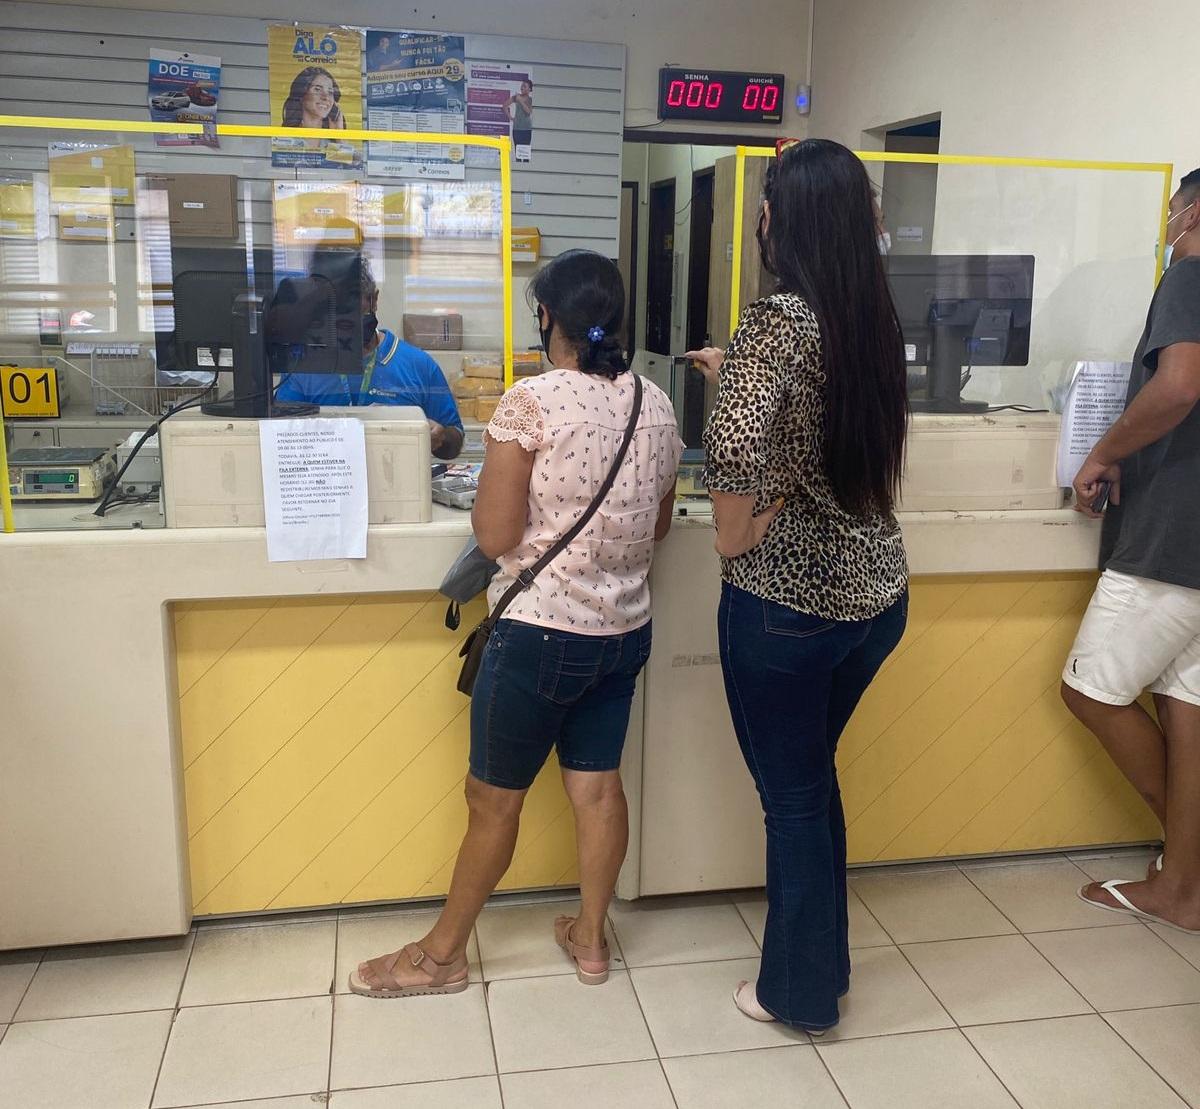 Procon-SFI notifica Correios sobre atraso de entregas e qualidade do atendimento